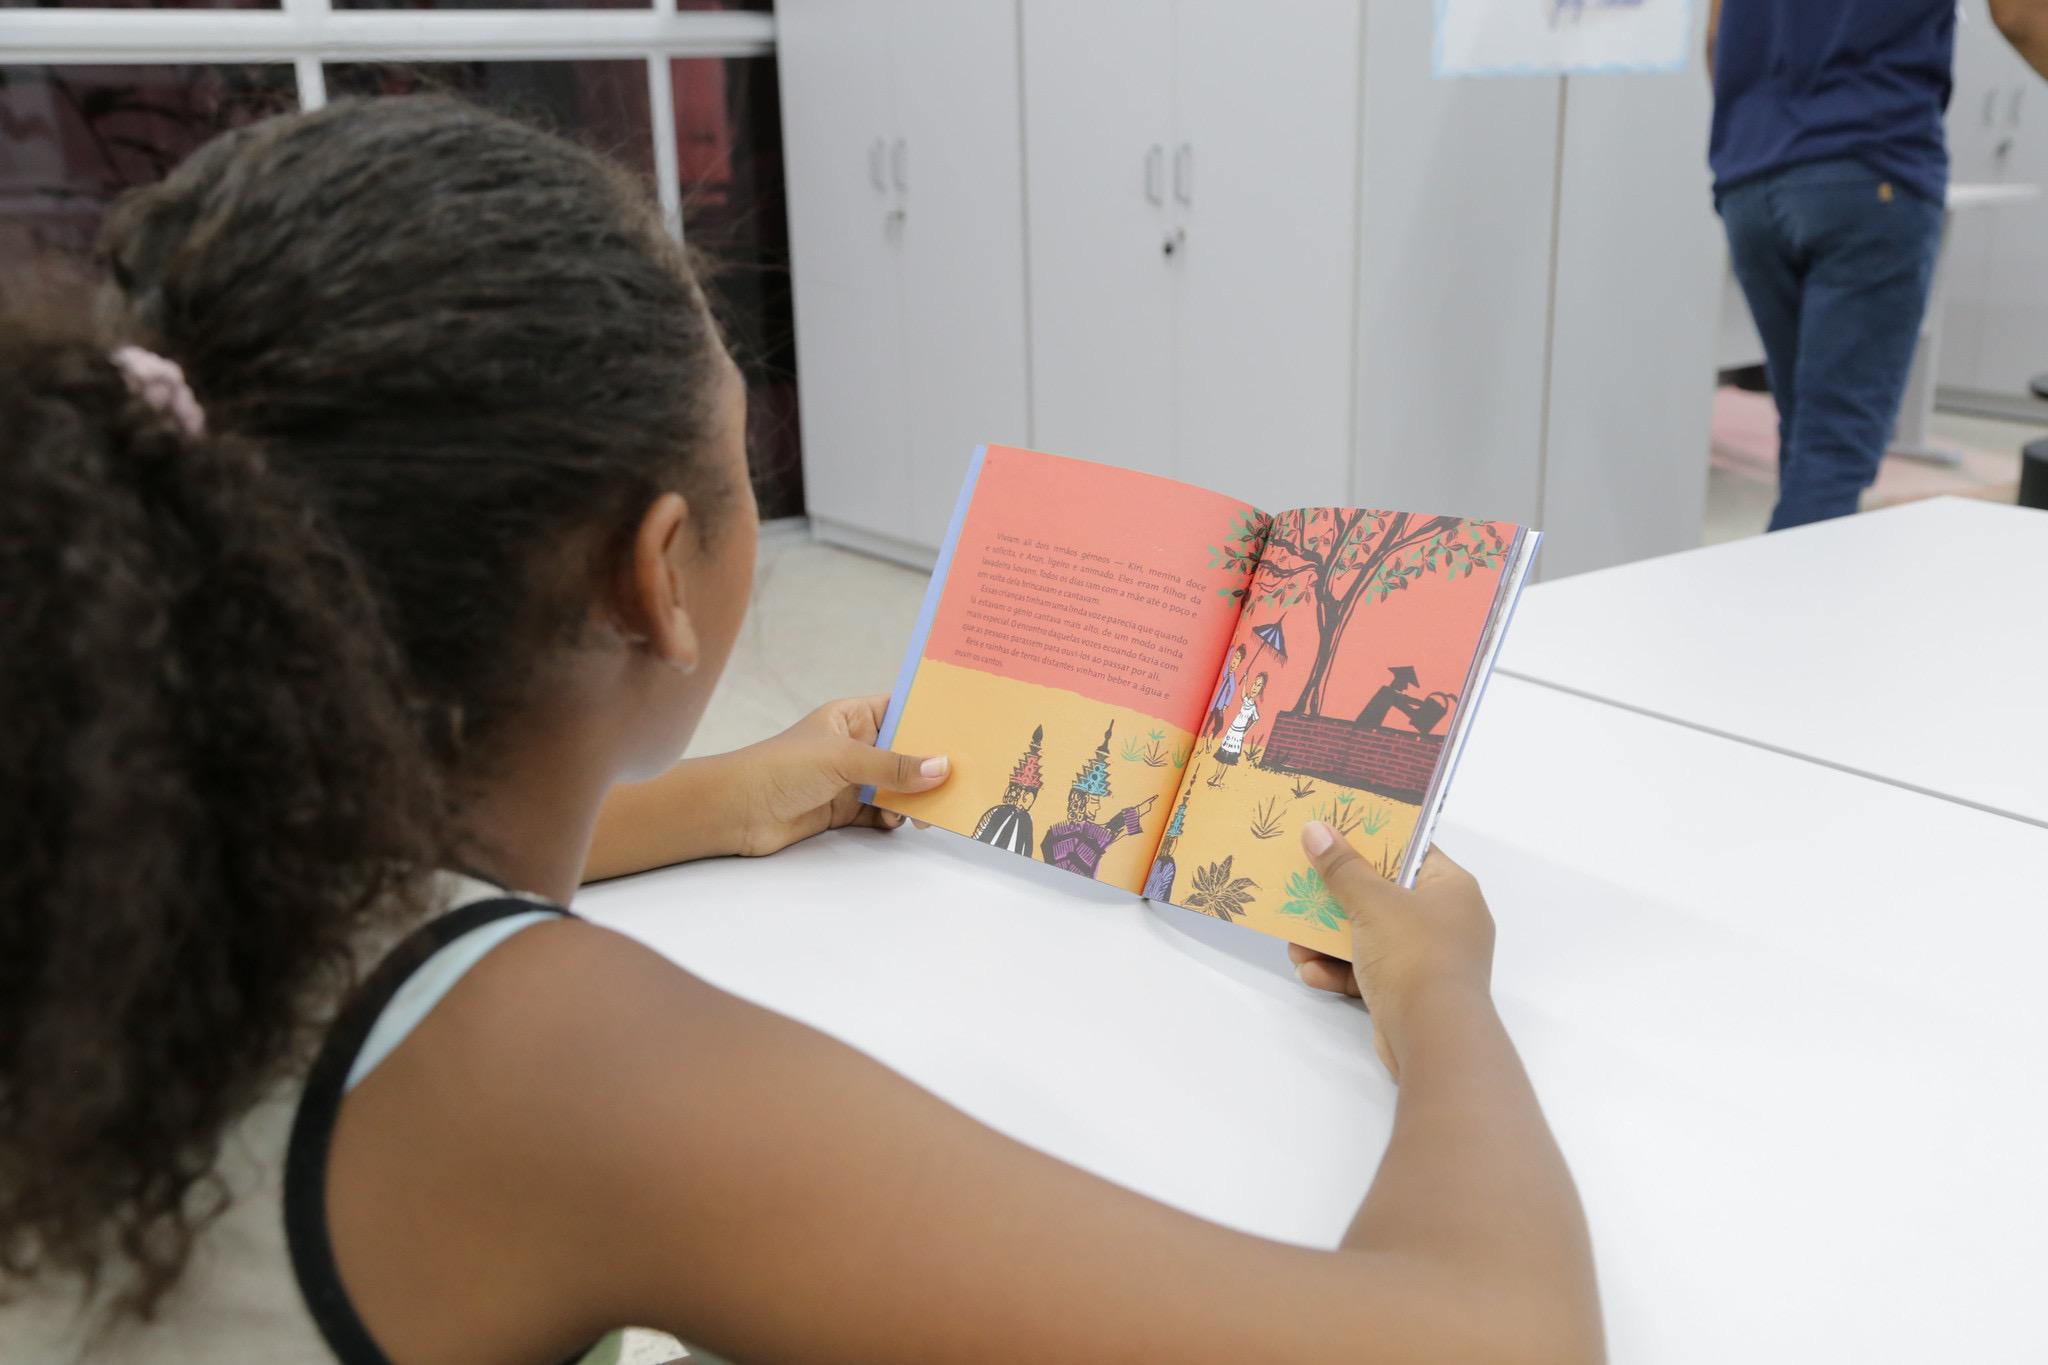 31 anos do ECA: Lauro de Freitas assiste mais de 700 crianças e adolescentes